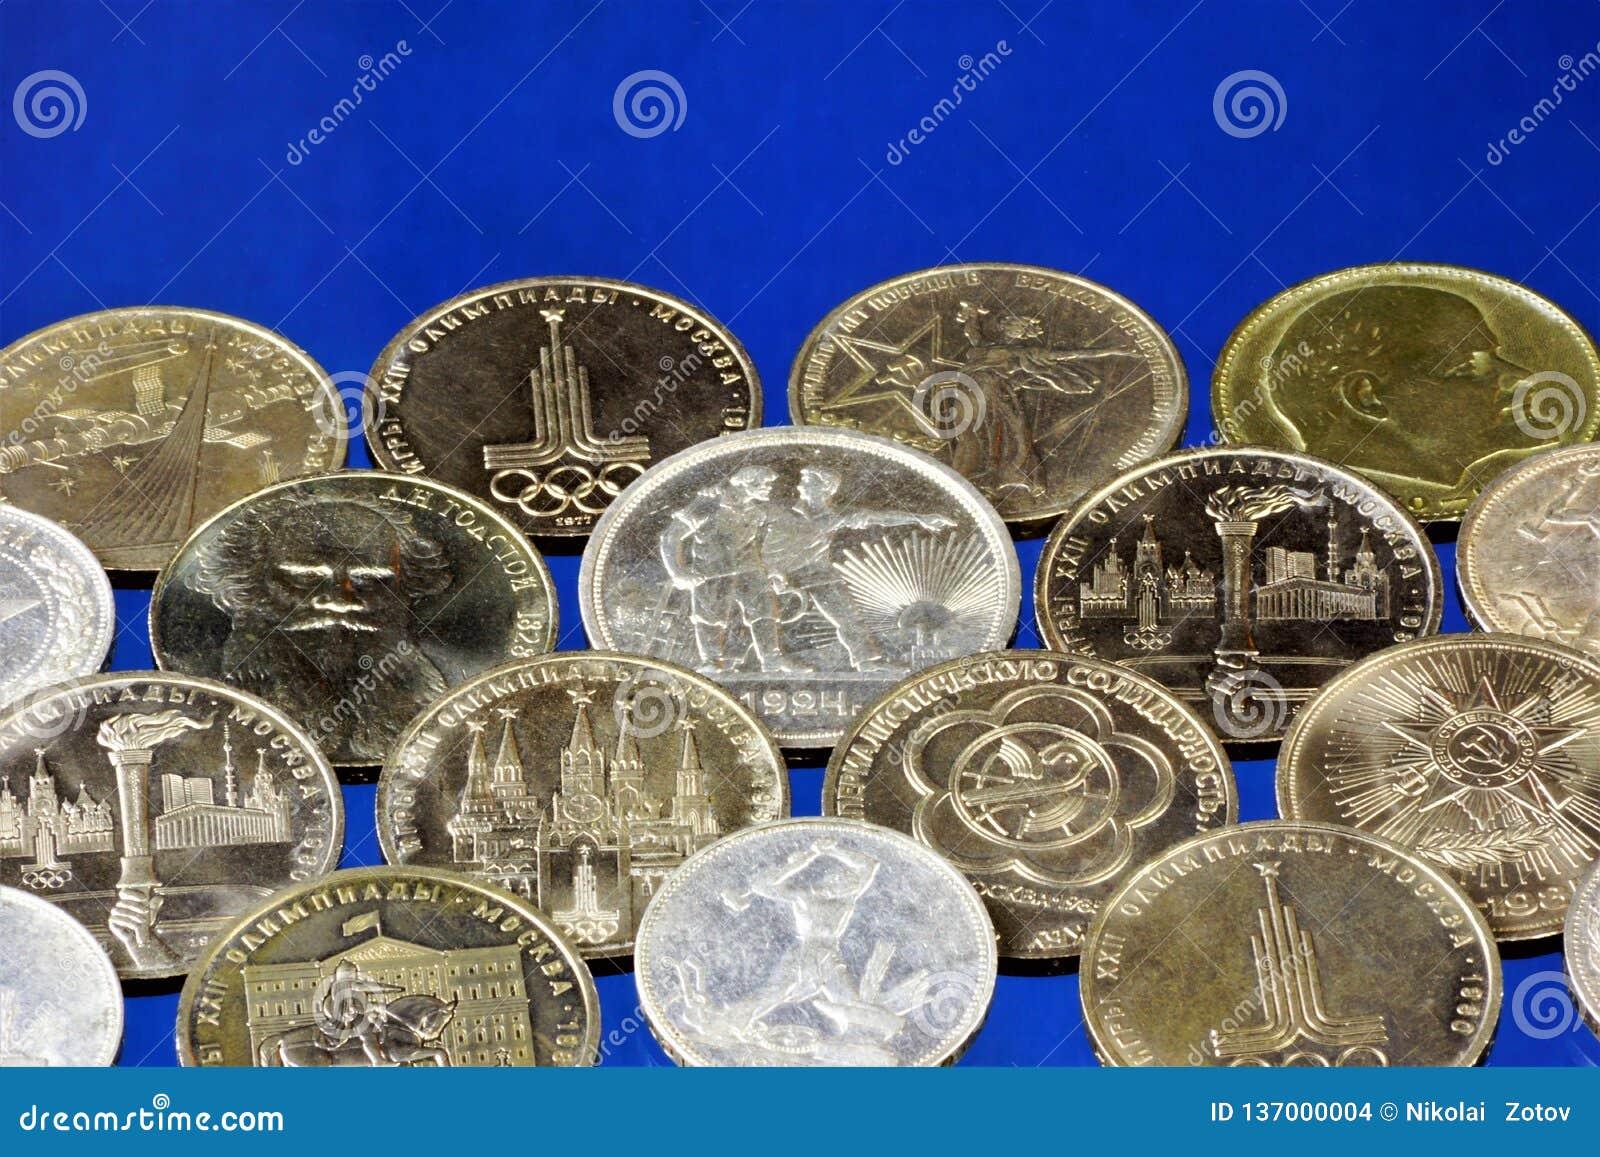 Нумизматика или собирать монетки, исследования история чеканки и монетная циркуляция в различные страны мира и